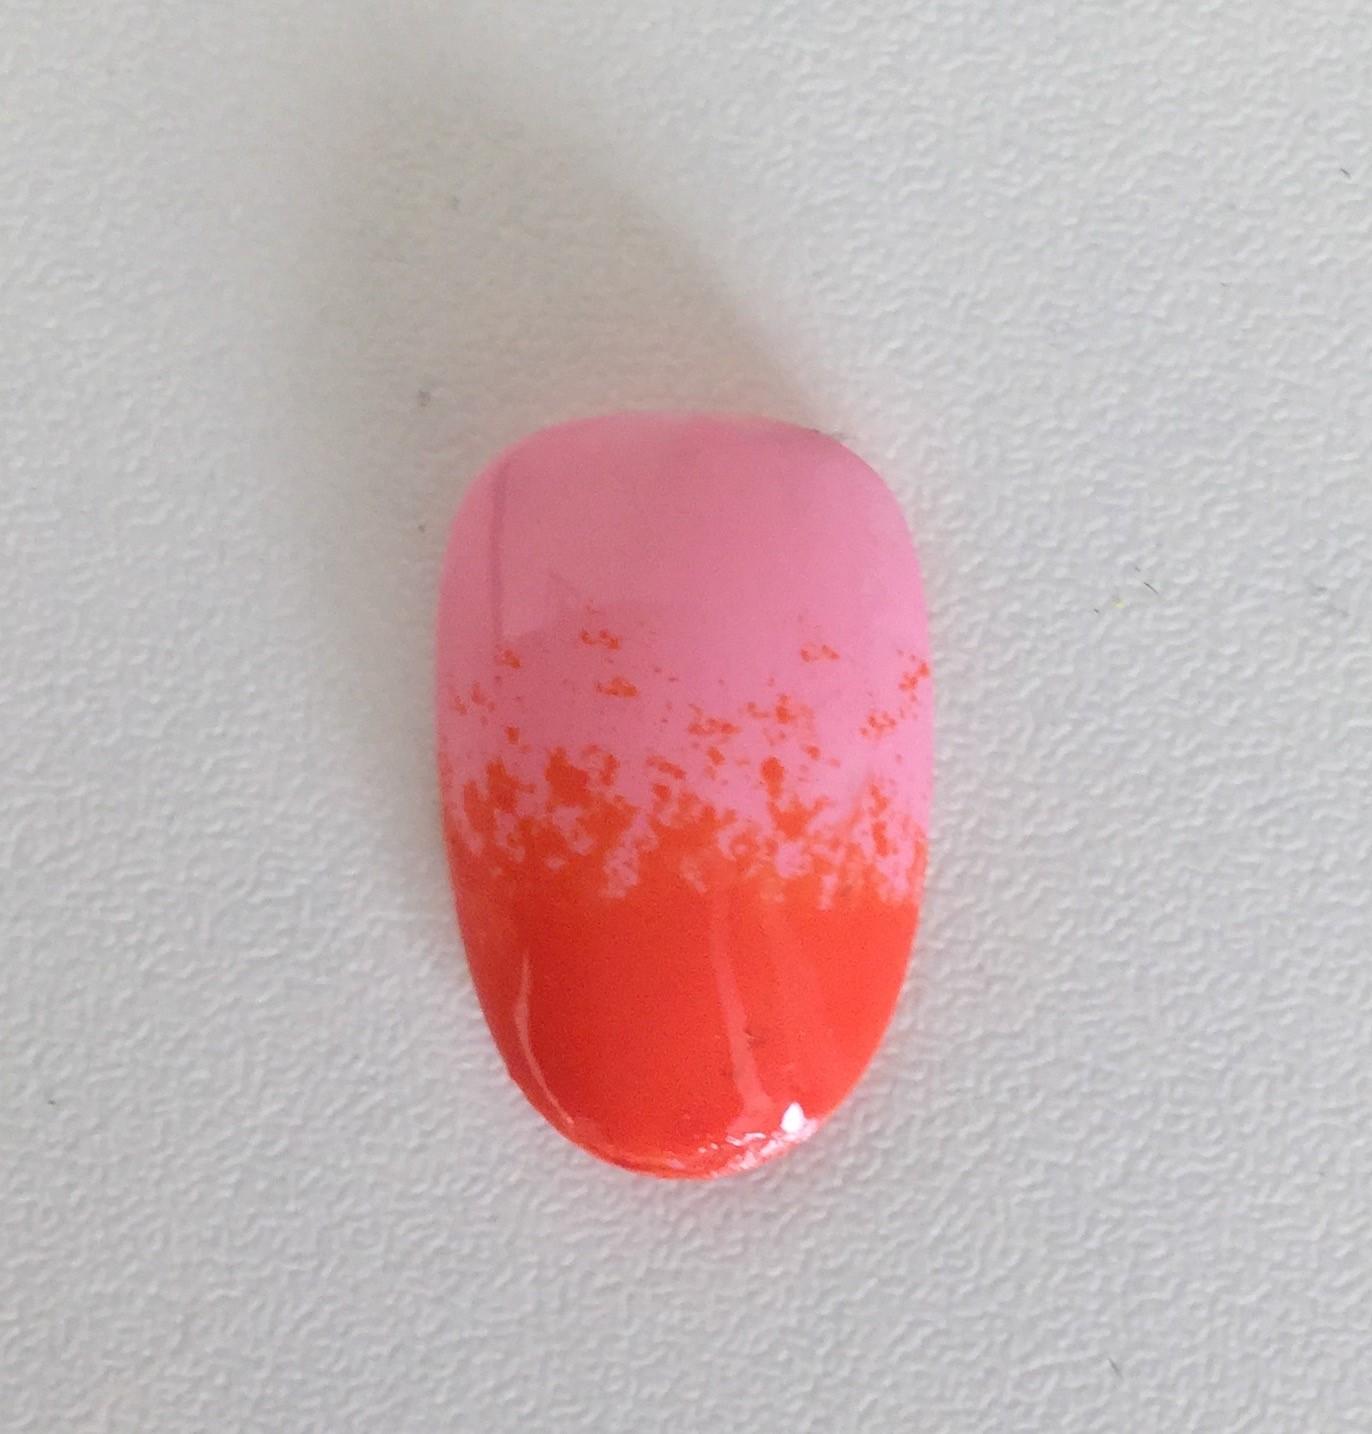 Vanity van nail art ombre